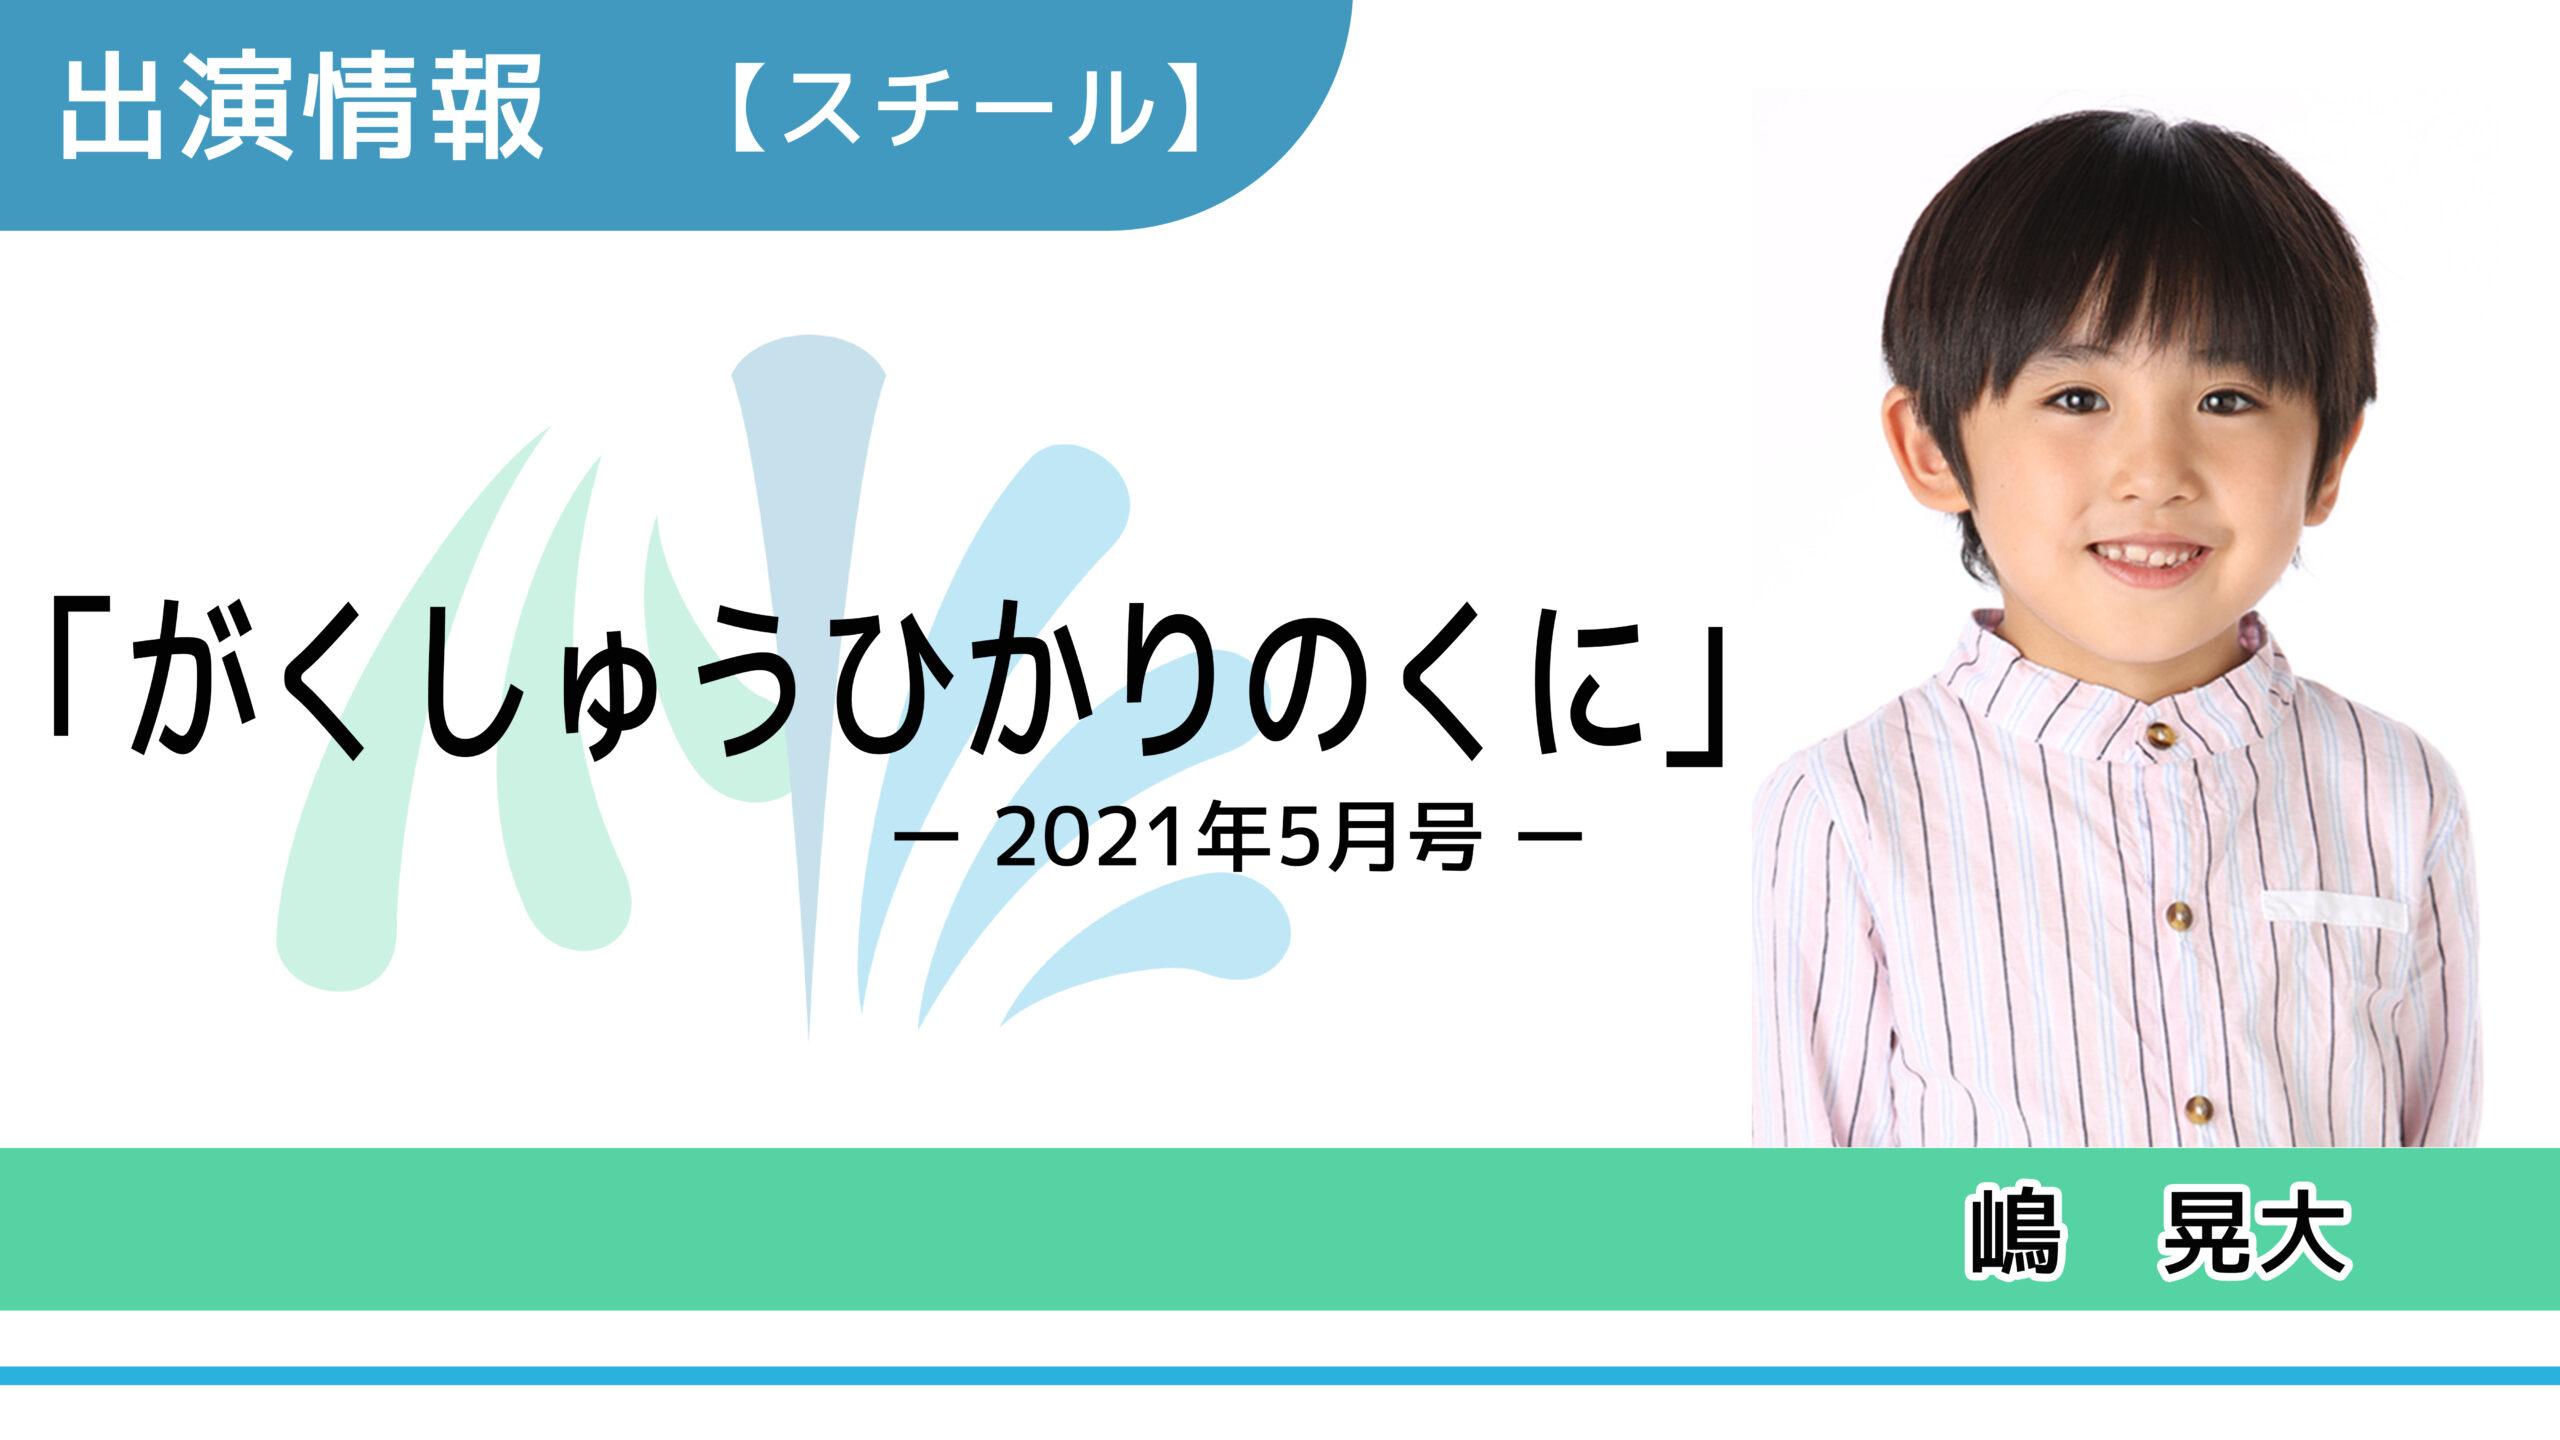 【出演情報】嶋晃大 / 「がくしゅうひかりのくに2021年5月号」スチールモデル